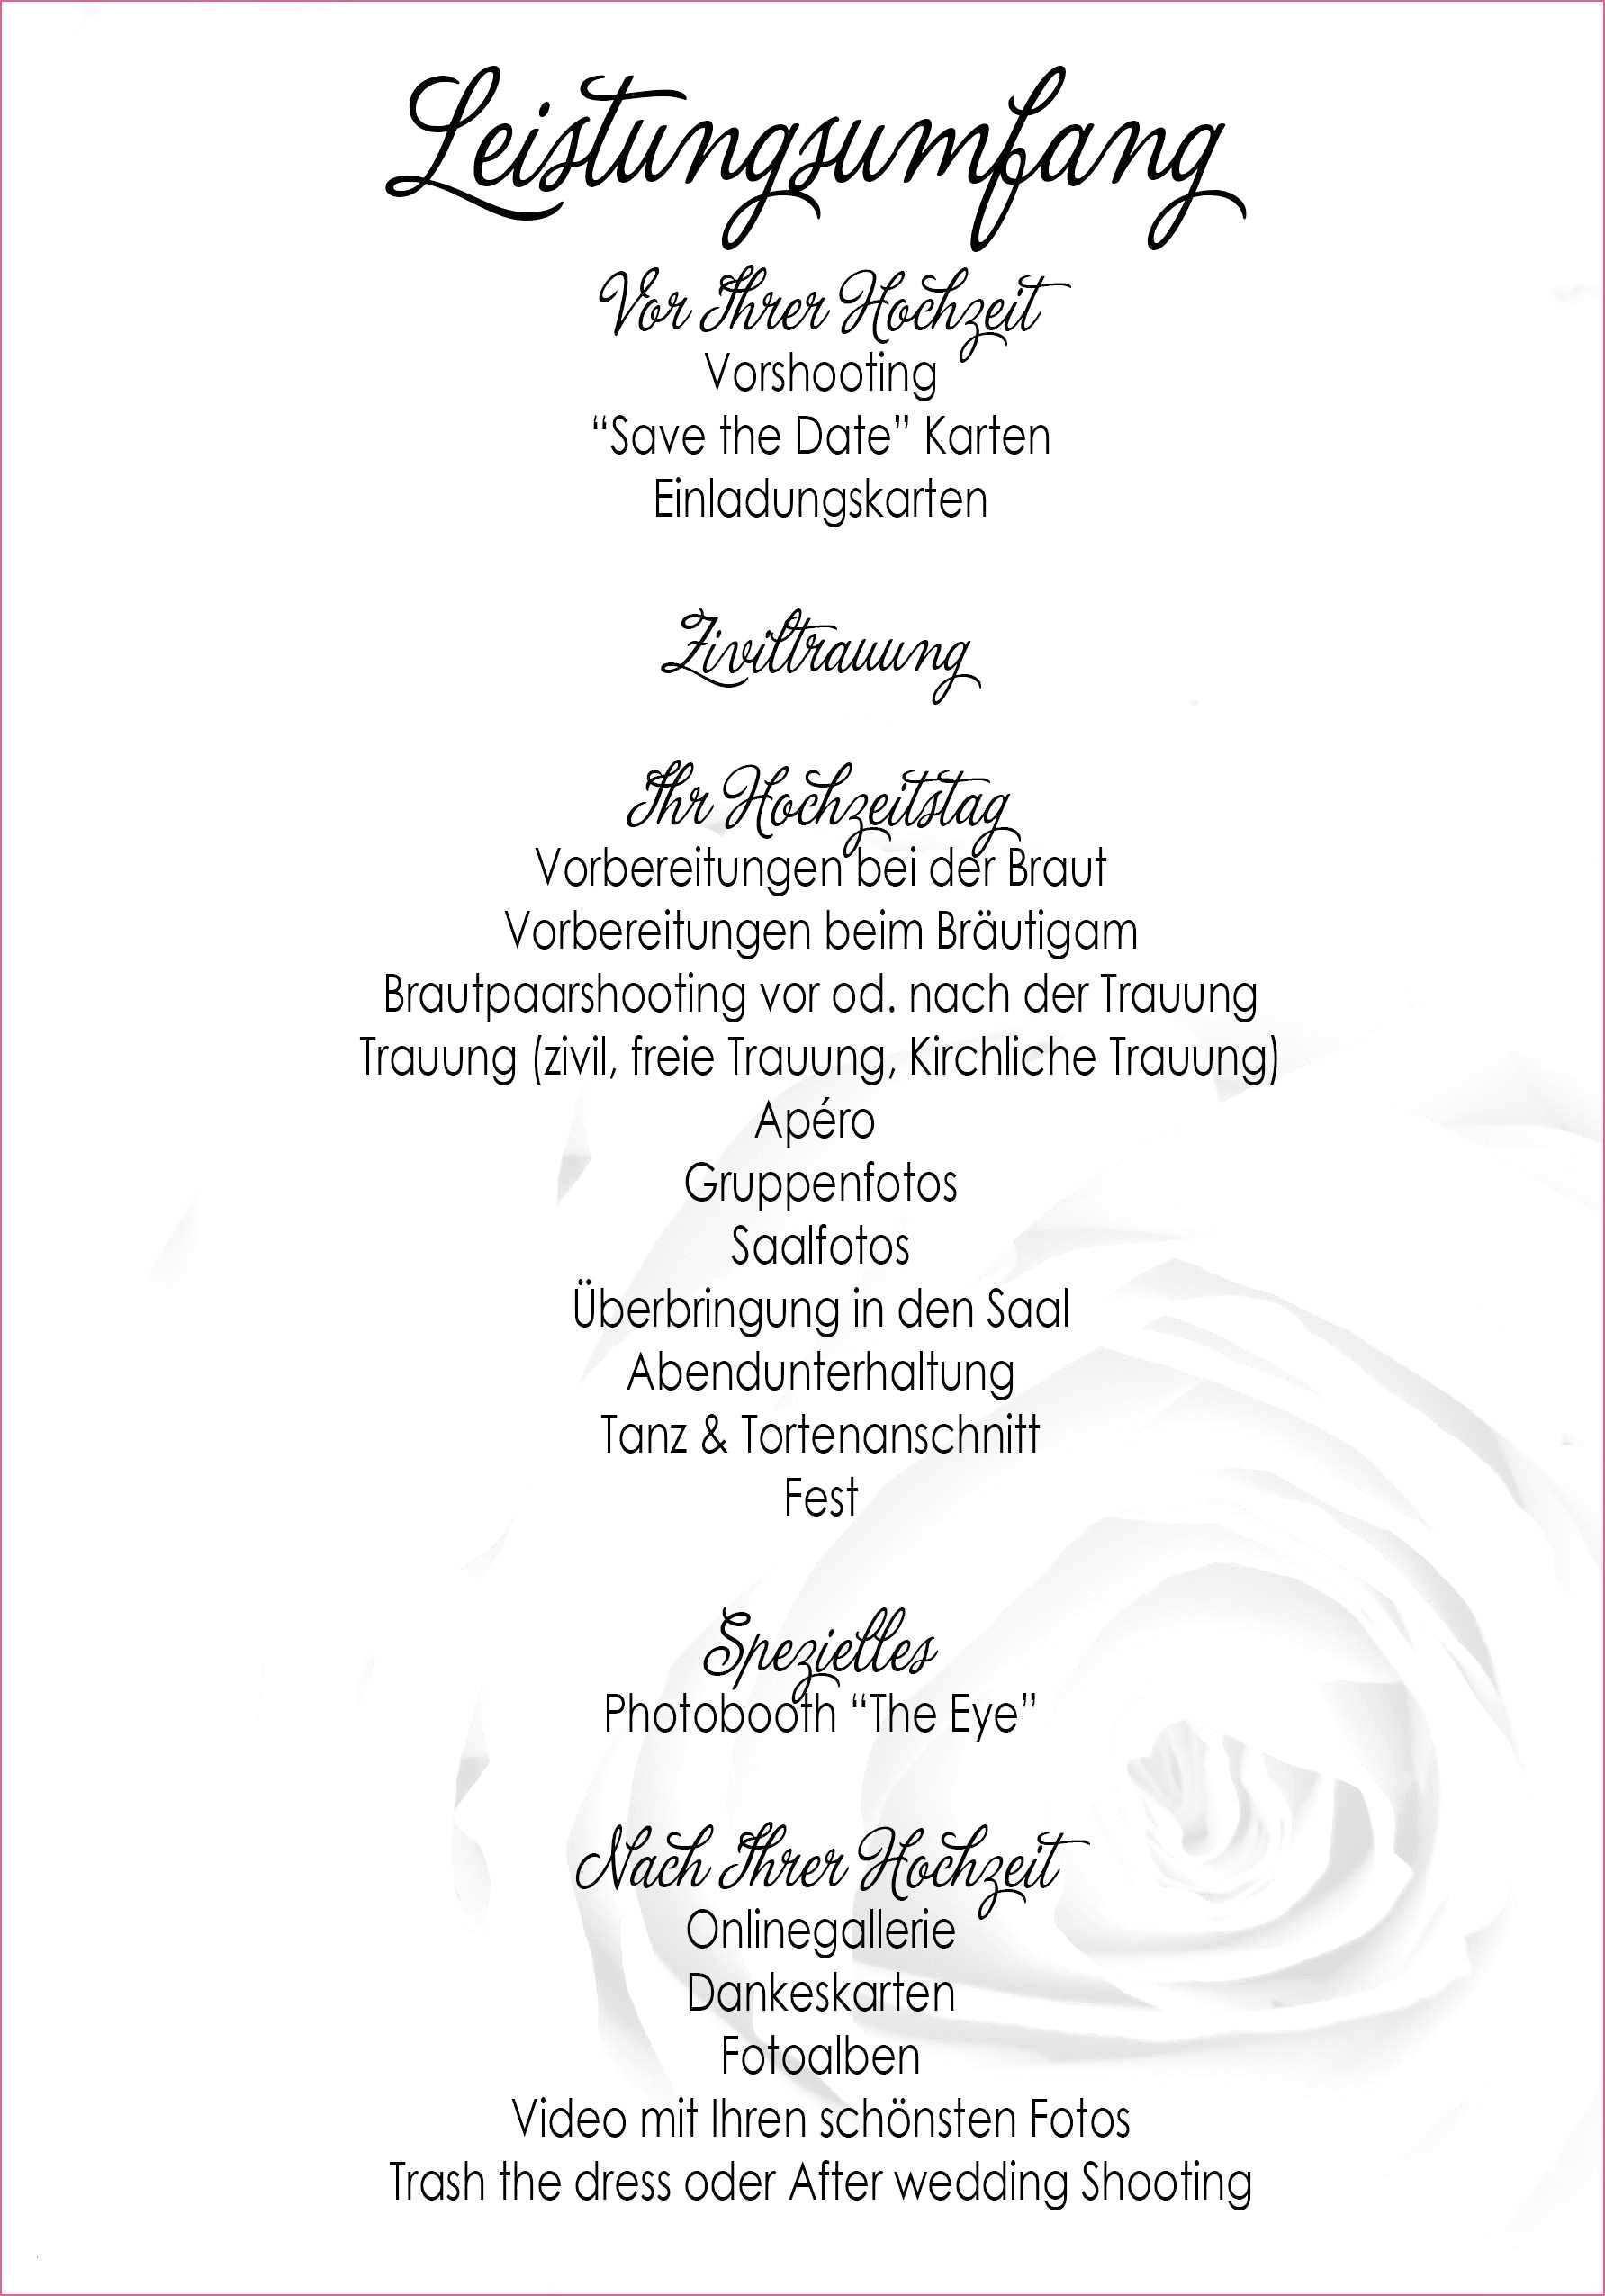 Bier Geschenke Selber Machen In 2020 Einladung 60 Geburtstag Danksagung Hochzeit Dankeskarten Hochzeit Text